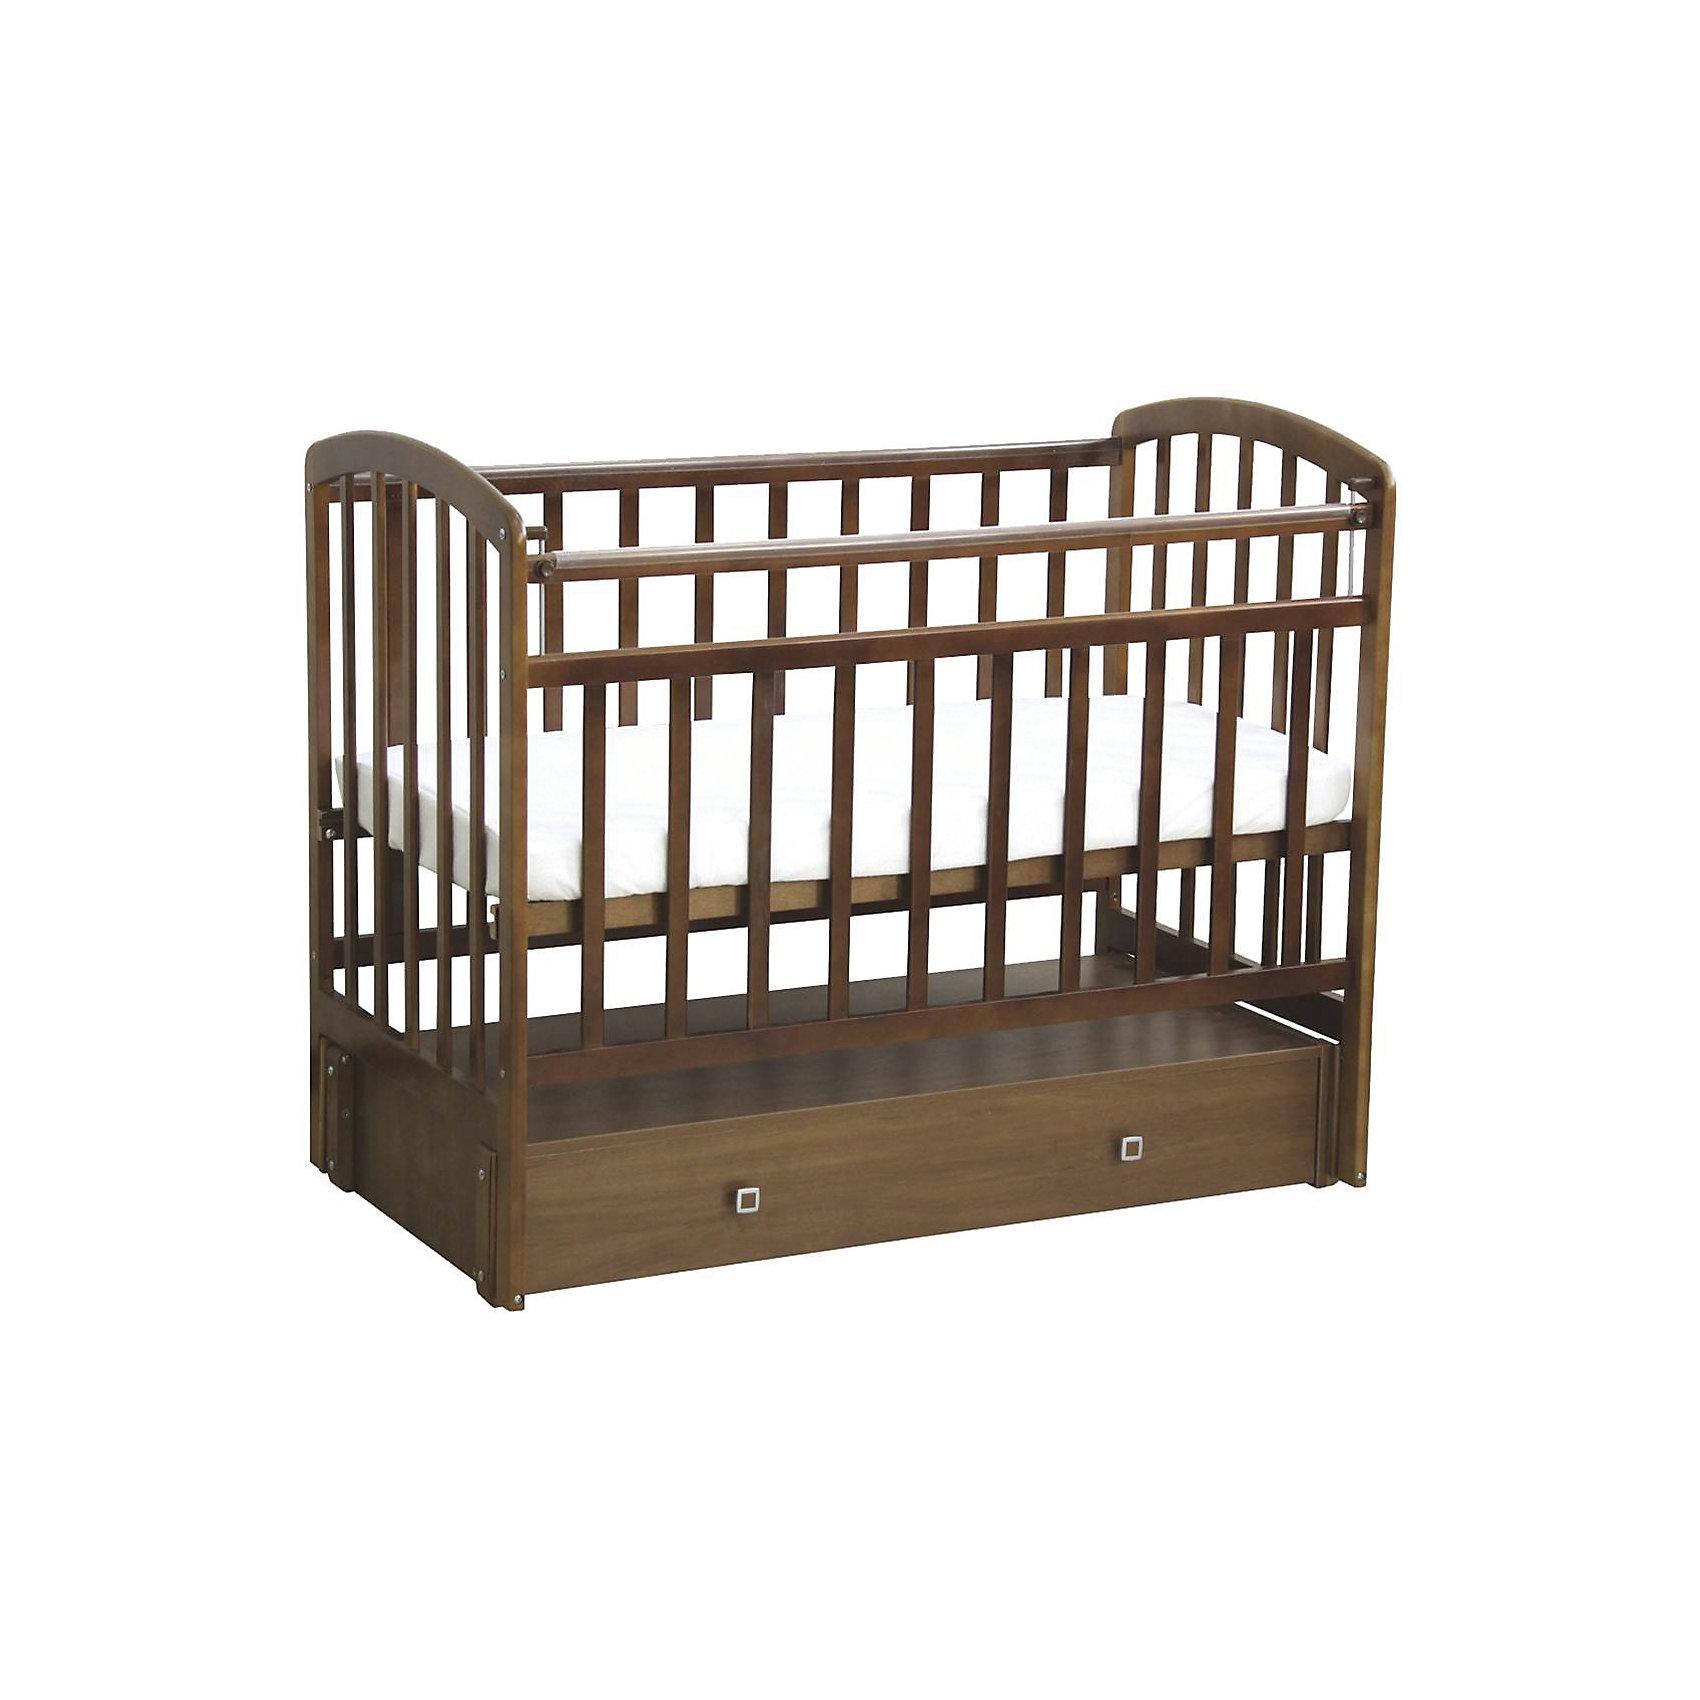 Кроватка 313, продольный маятник, Фея, медовыйКроватки<br>Качественная детская мебель всегда отличается от взрослой, так как производится с учетом потребностей малышей. Данная кроватка обеспечит удобство и ребенку и маме - она имеет удобный механизм опускания передней планки и пластиковые накладки.<br>В этой модели - маятниковый механизм продольного качания, также есть удобный ящик. Кроватка сделана из качественного дерева, покрытого лаком. Цвет - универсальный, подойдет практически для любого интерьера. Все материалы тщательно подобраны специалистами и безопасны для детей.<br><br>Дополнительная информация:<br><br>цвет: медовый;<br>материал: дерево, лак;<br>передняя планка удобно опускается;<br>выдвижной ящик;<br>ложе имеет 2 положения;<br>пластиковые накладки;<br>размер: 125 х 75 х 104 см ;<br>ложе: 60 на 120 см;<br>вес: 30 кг.<br><br>Кроватку 313 торговой марки Фея можно купить в нашем магазине.<br><br>Ширина мм: 750<br>Глубина мм: 1037<br>Высота мм: 1265<br>Вес г: 30500<br>Возраст от месяцев: 0<br>Возраст до месяцев: 36<br>Пол: Унисекс<br>Возраст: Детский<br>SKU: 4873614